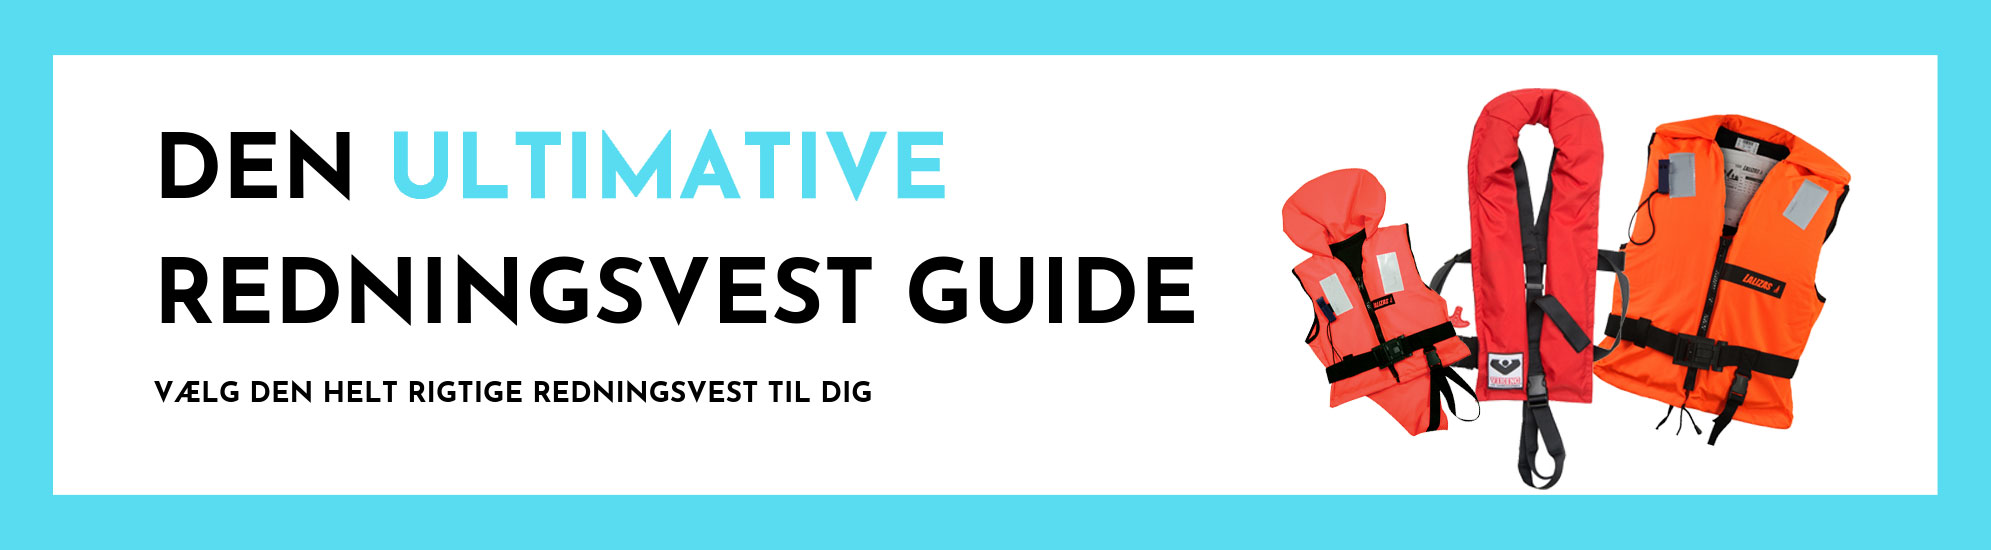 den ultimative redningsvest guide vælg den bedste redningsvest til dig